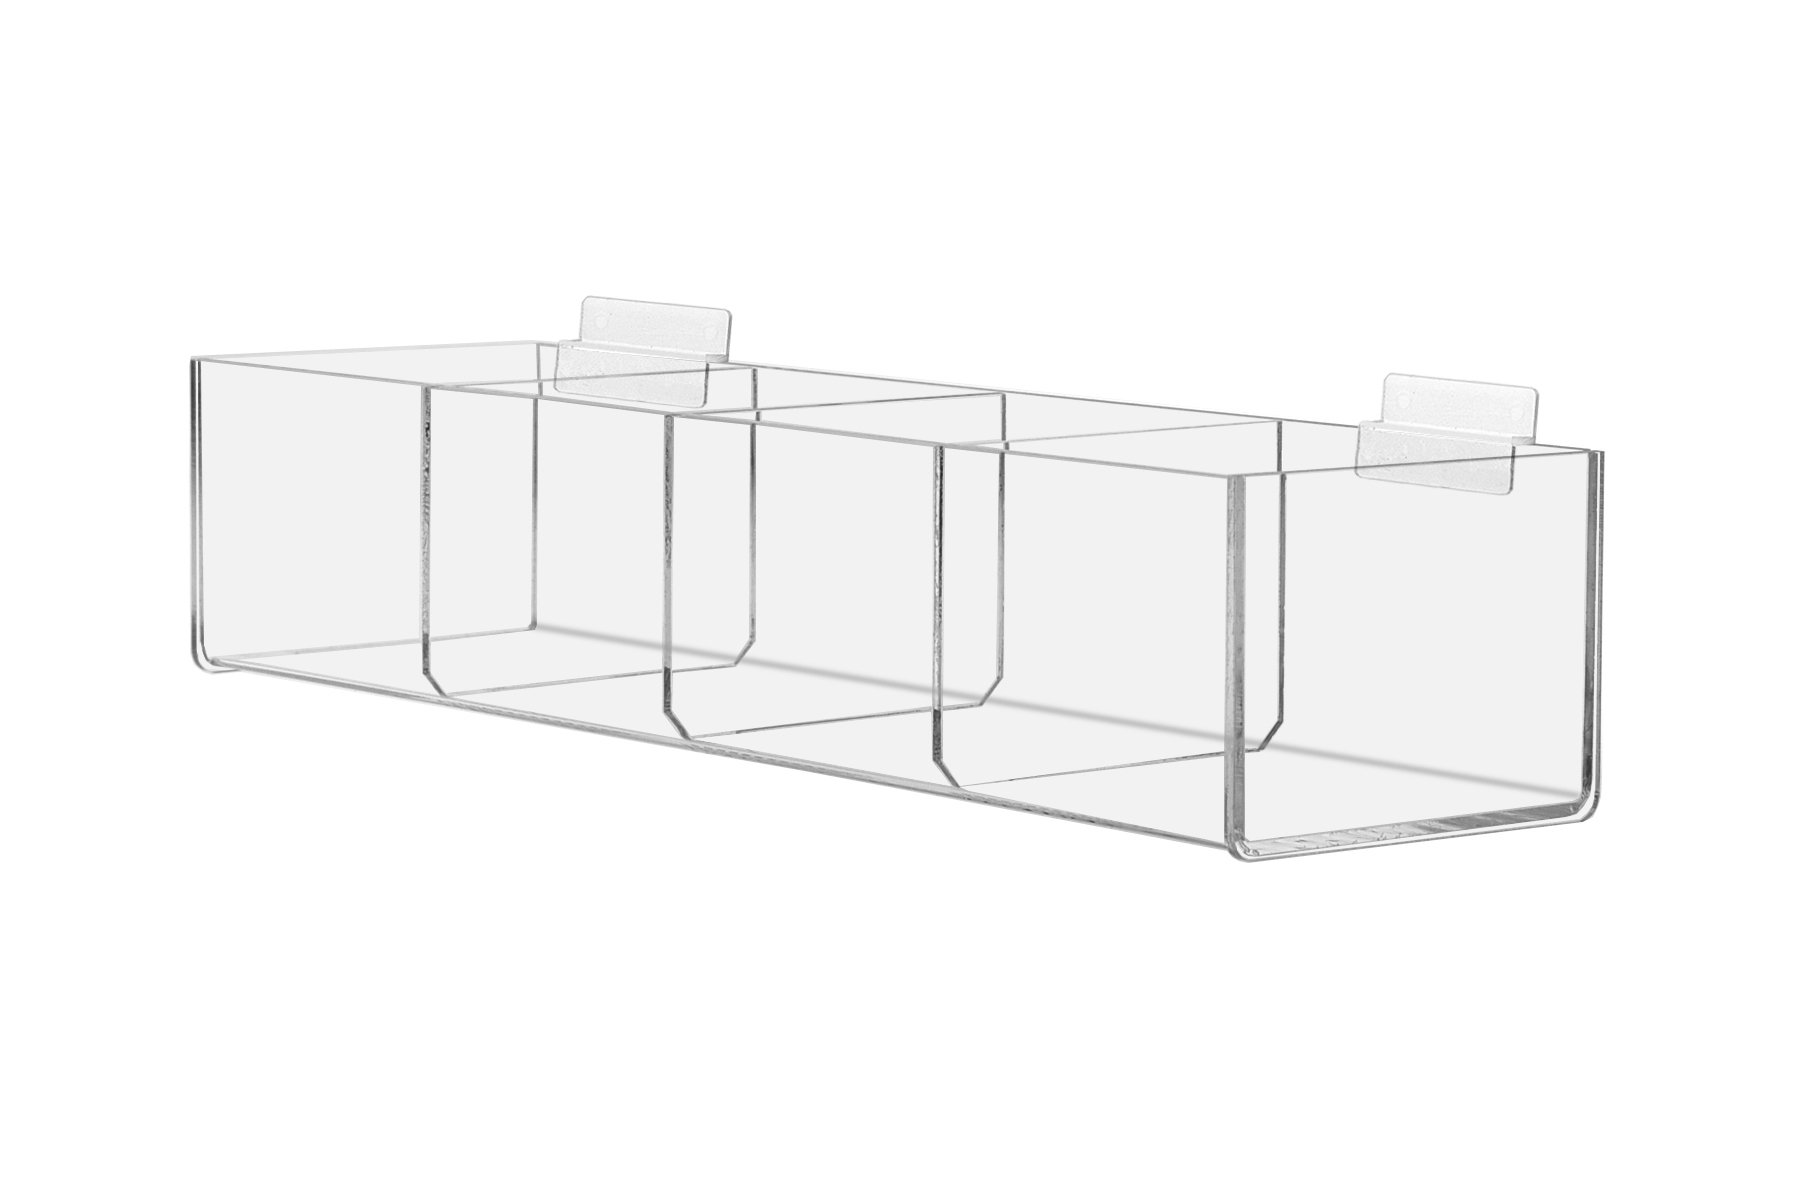 Marketing Holders Slat-wall Compartment Bin Clear Organization Storage Display 4 Bin Compartment Qty 6